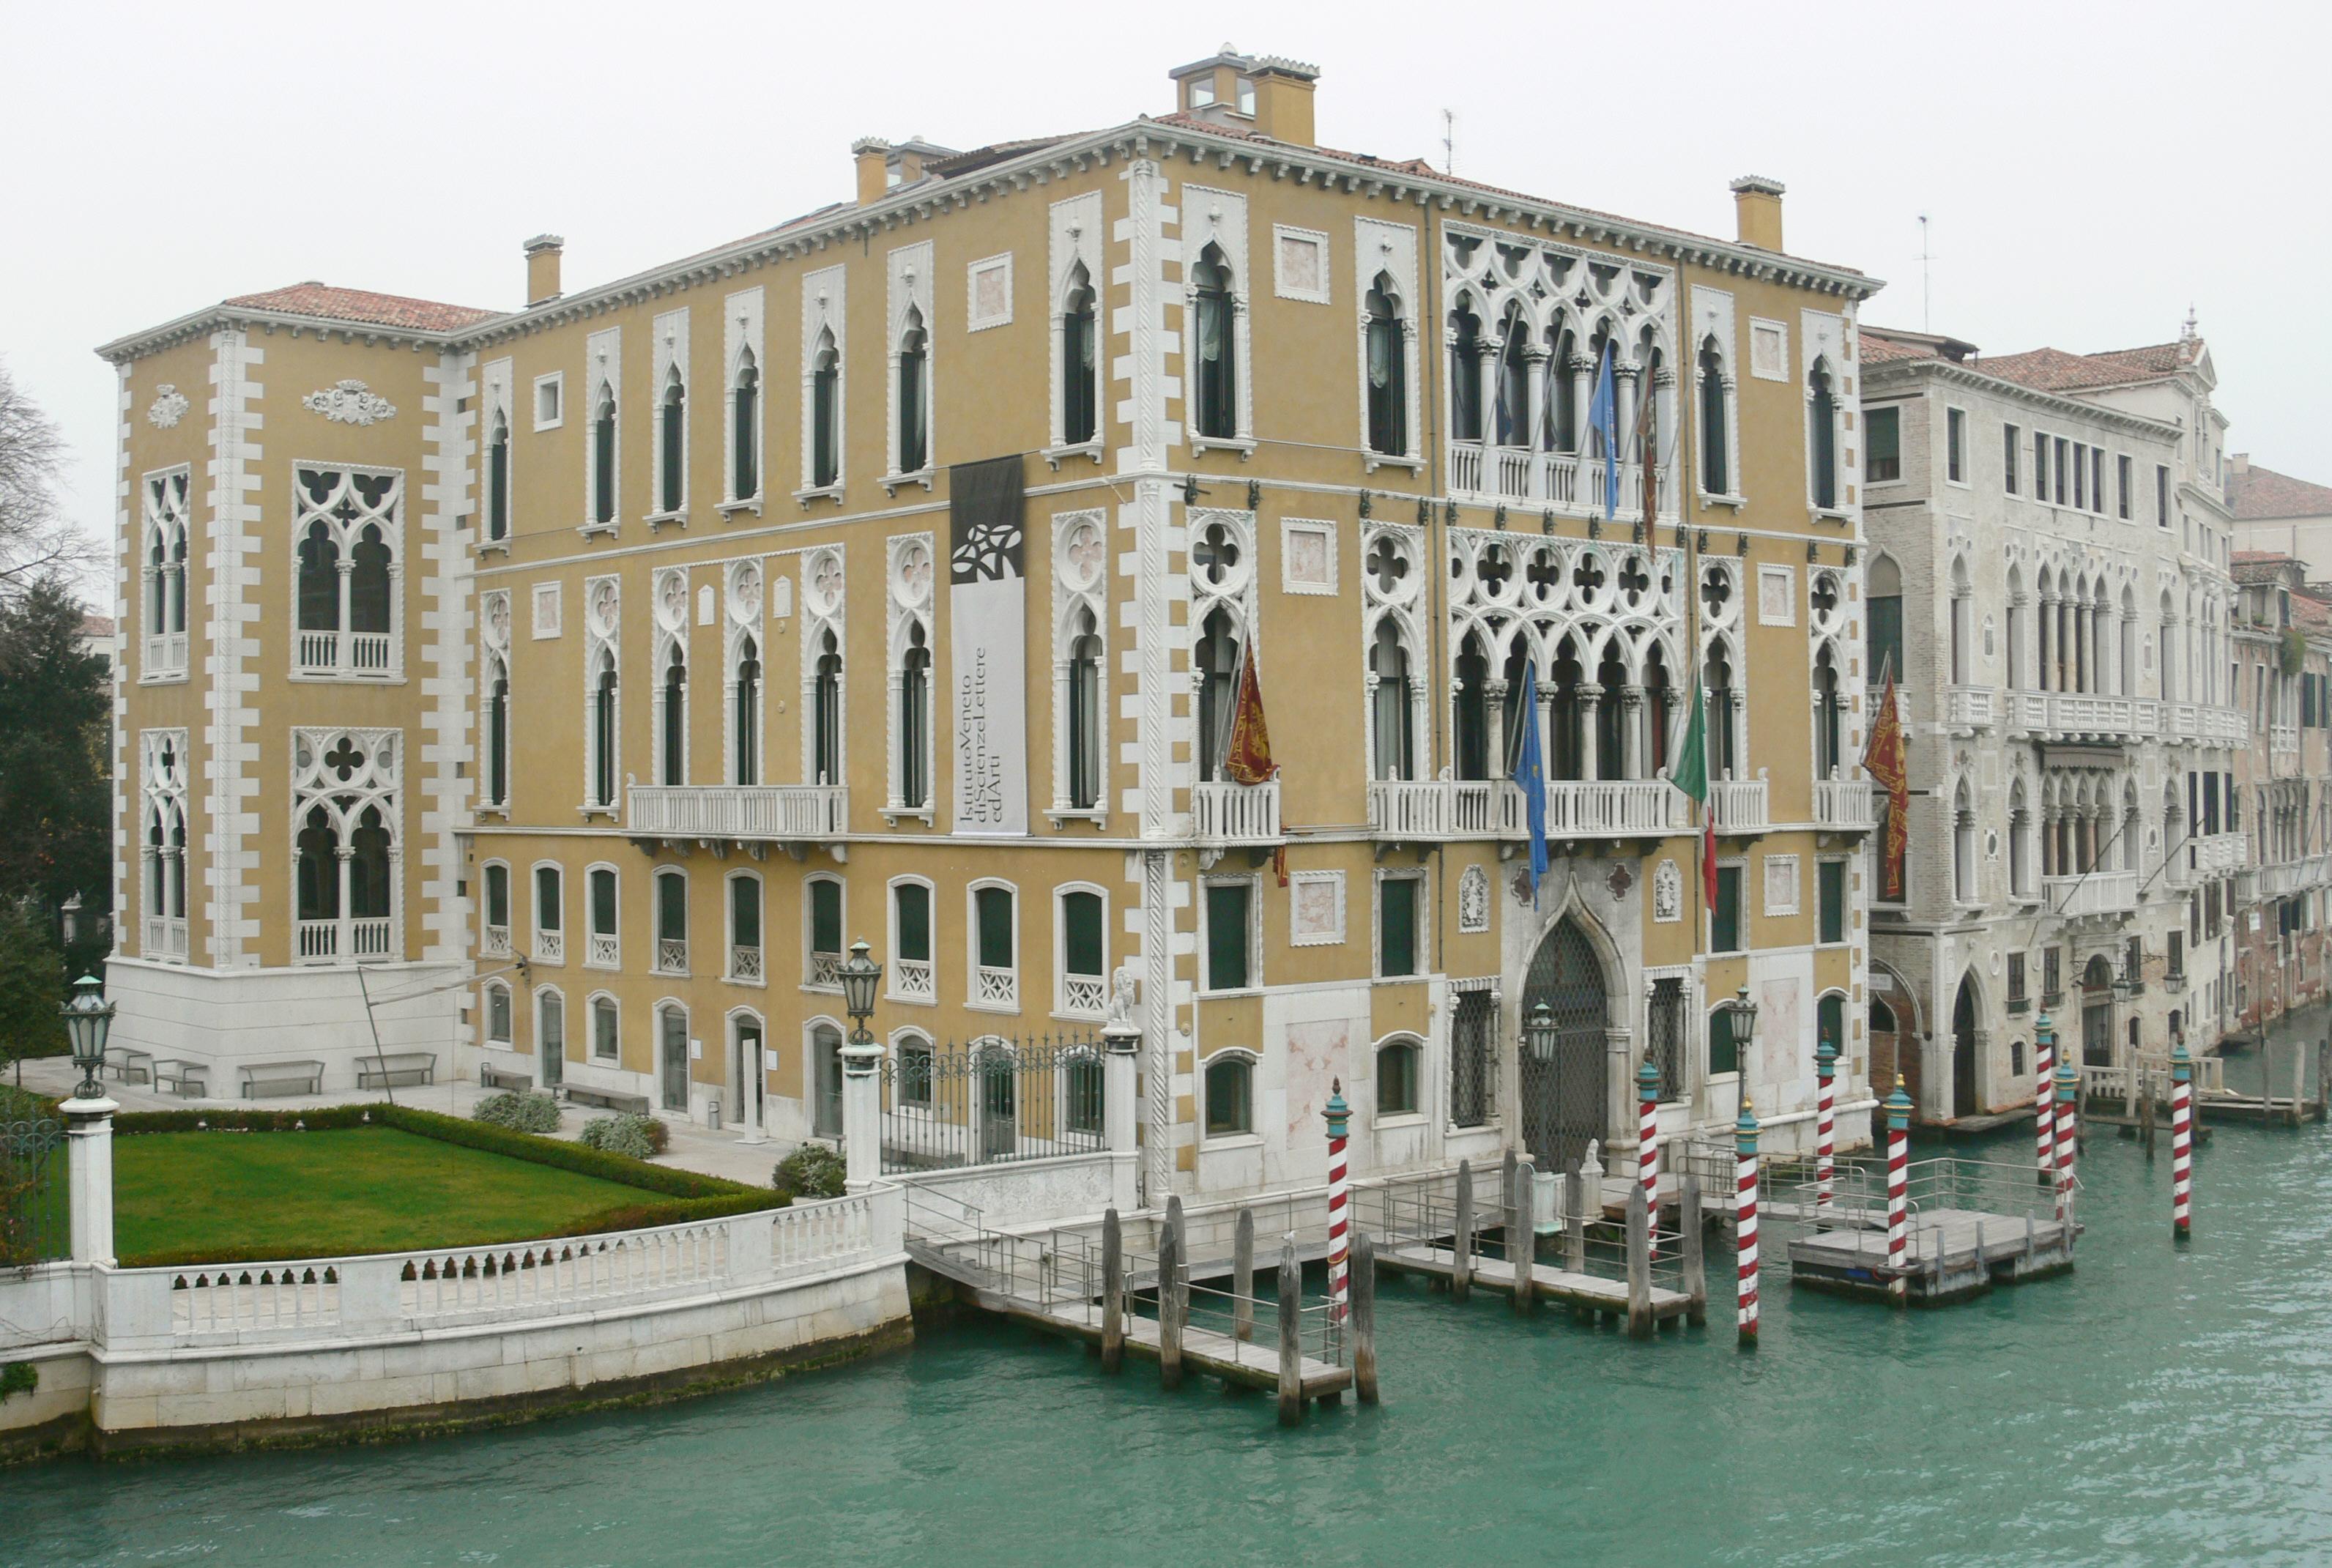 PalácioFranchetti, nas margens do Grande Canal de Veneza.  / Wikimedia commons